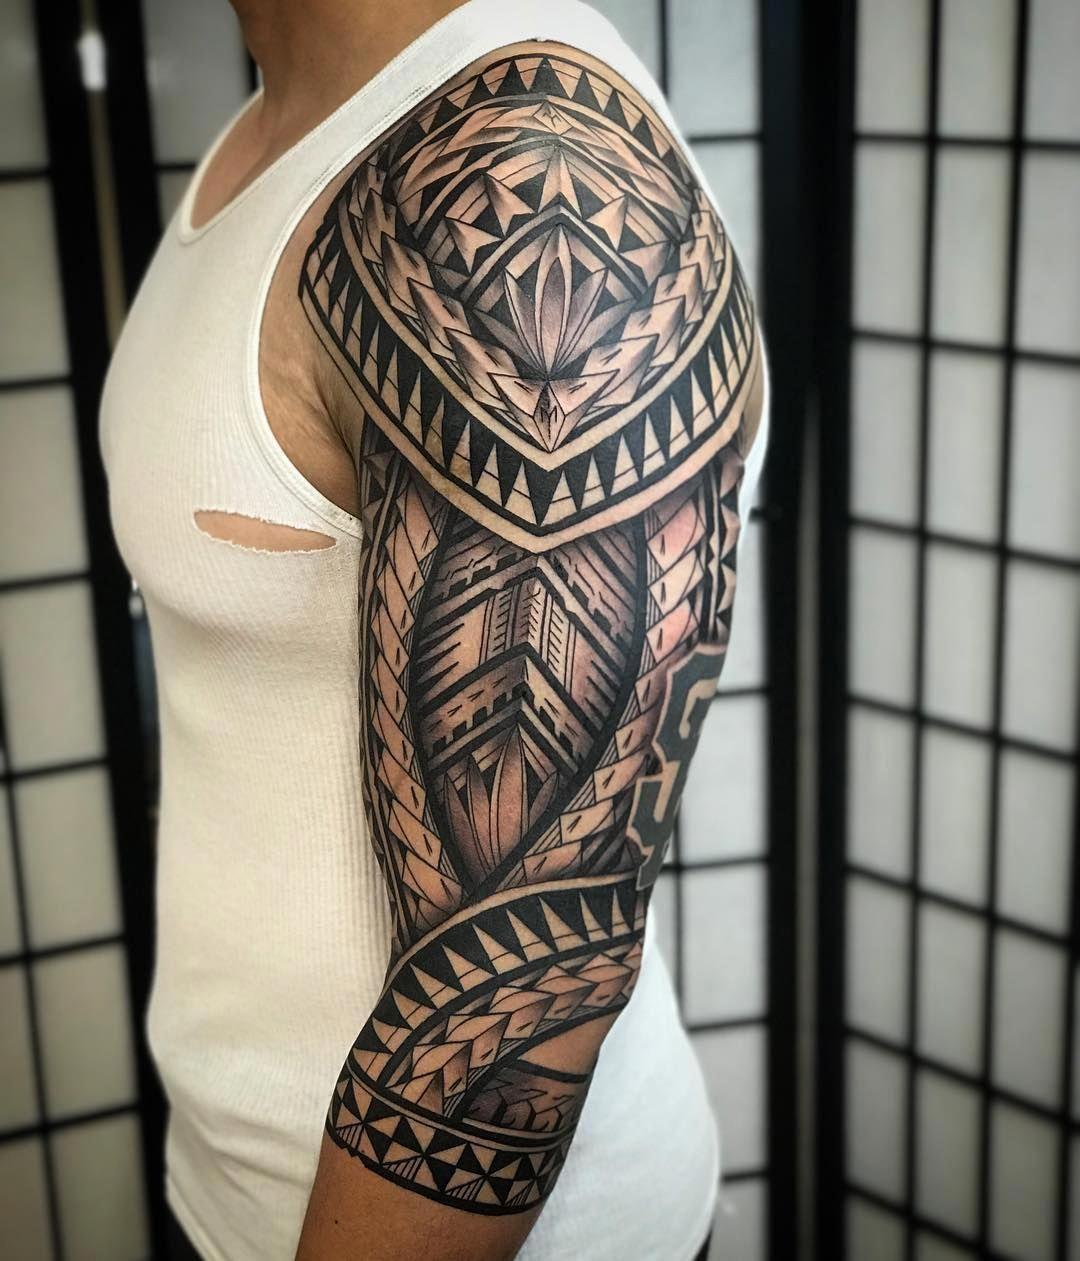 Tattoo Maori desenhada no braço